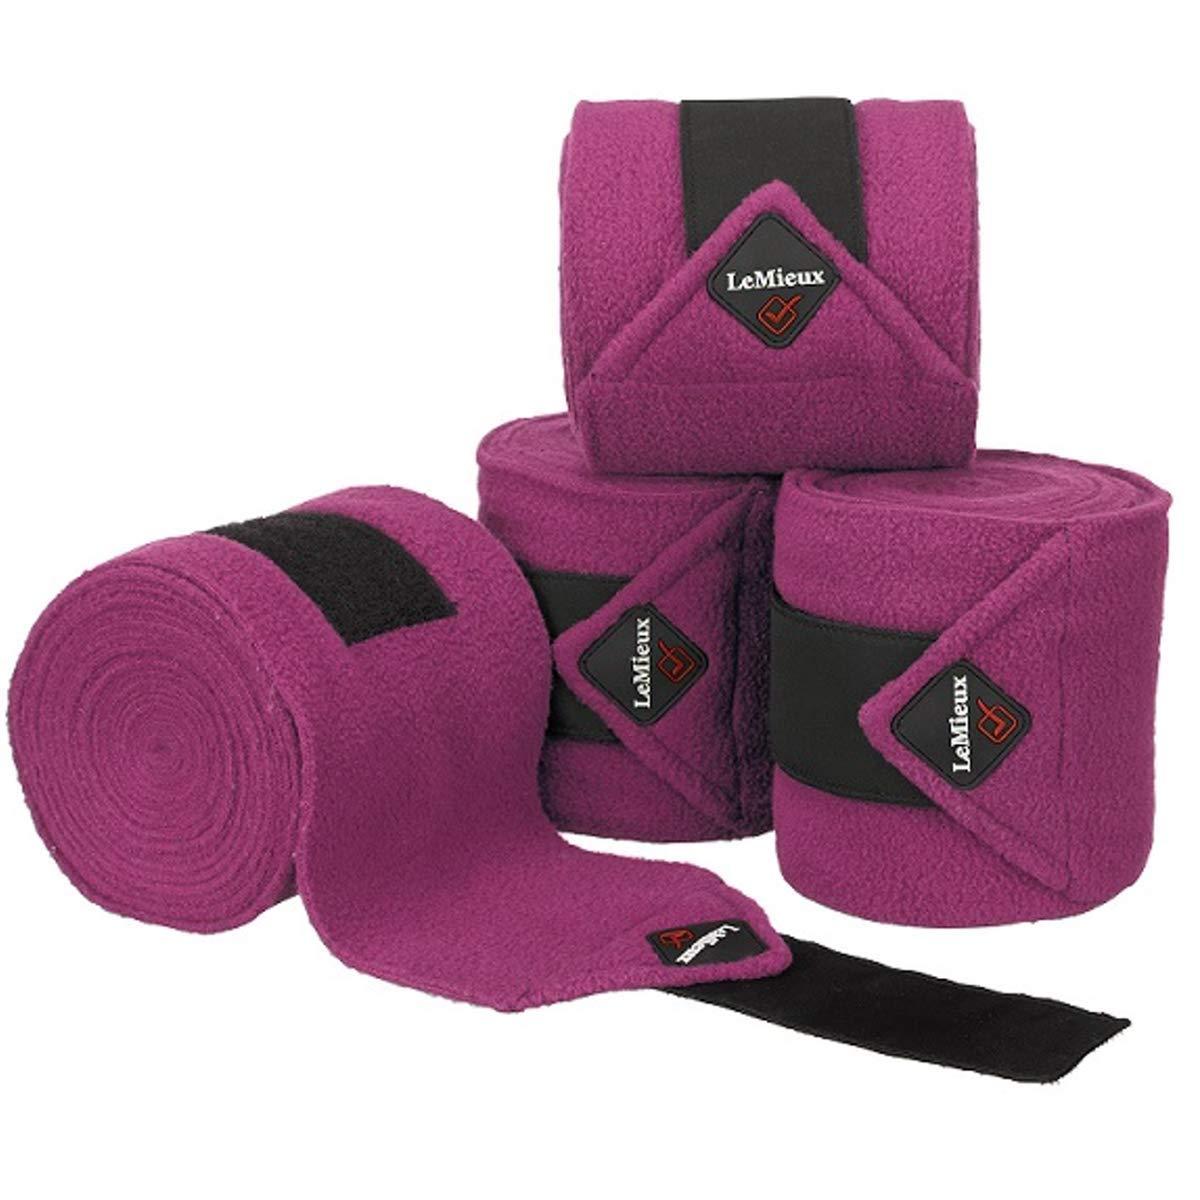 LeMieux Luxury Fleece Polo Bandages